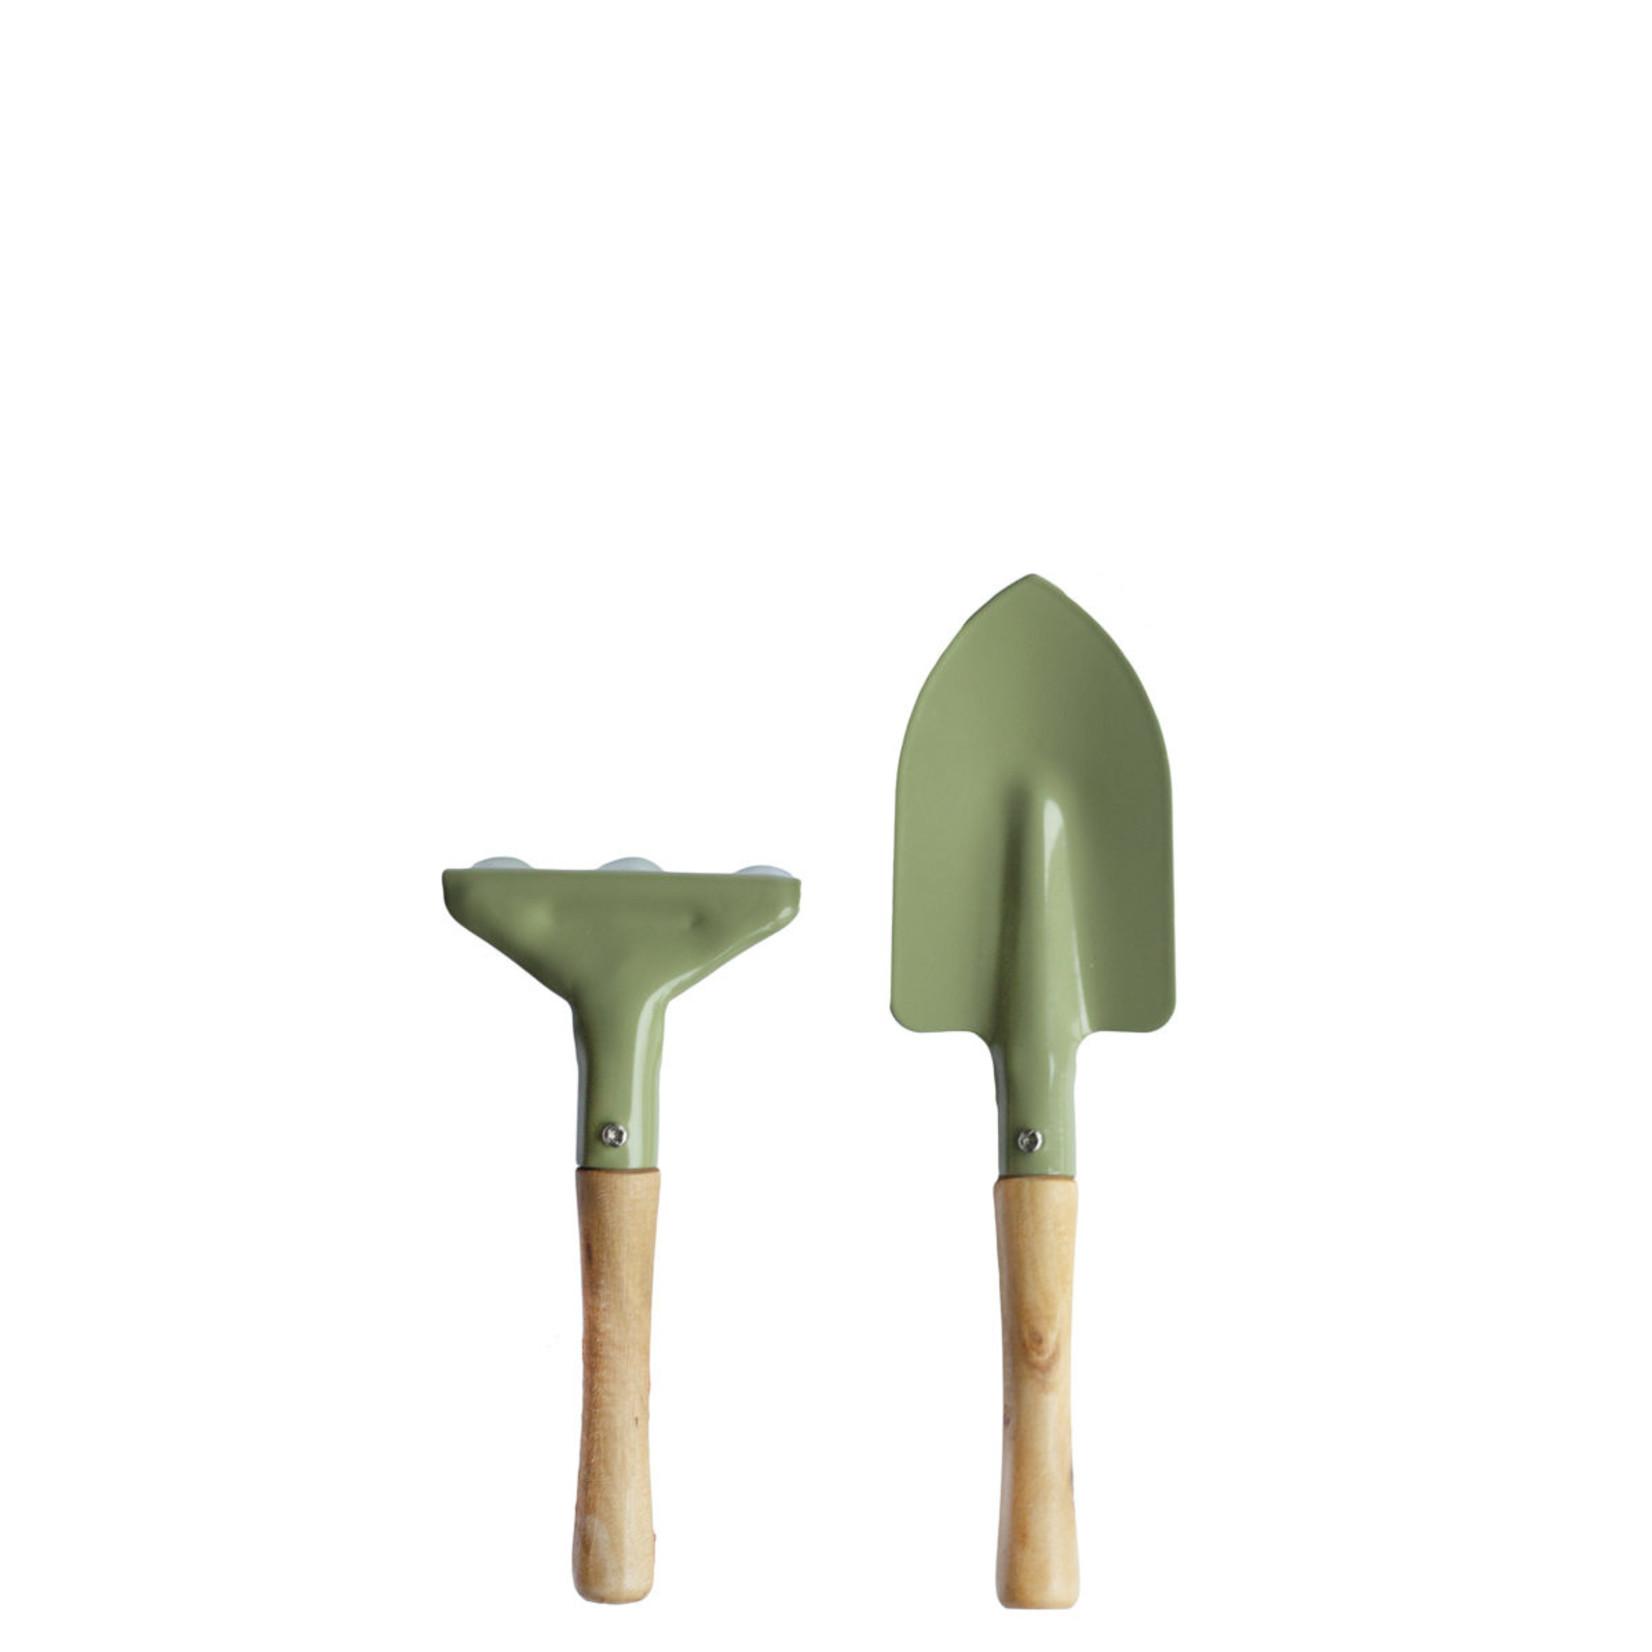 Storefactory  Gartenset grün